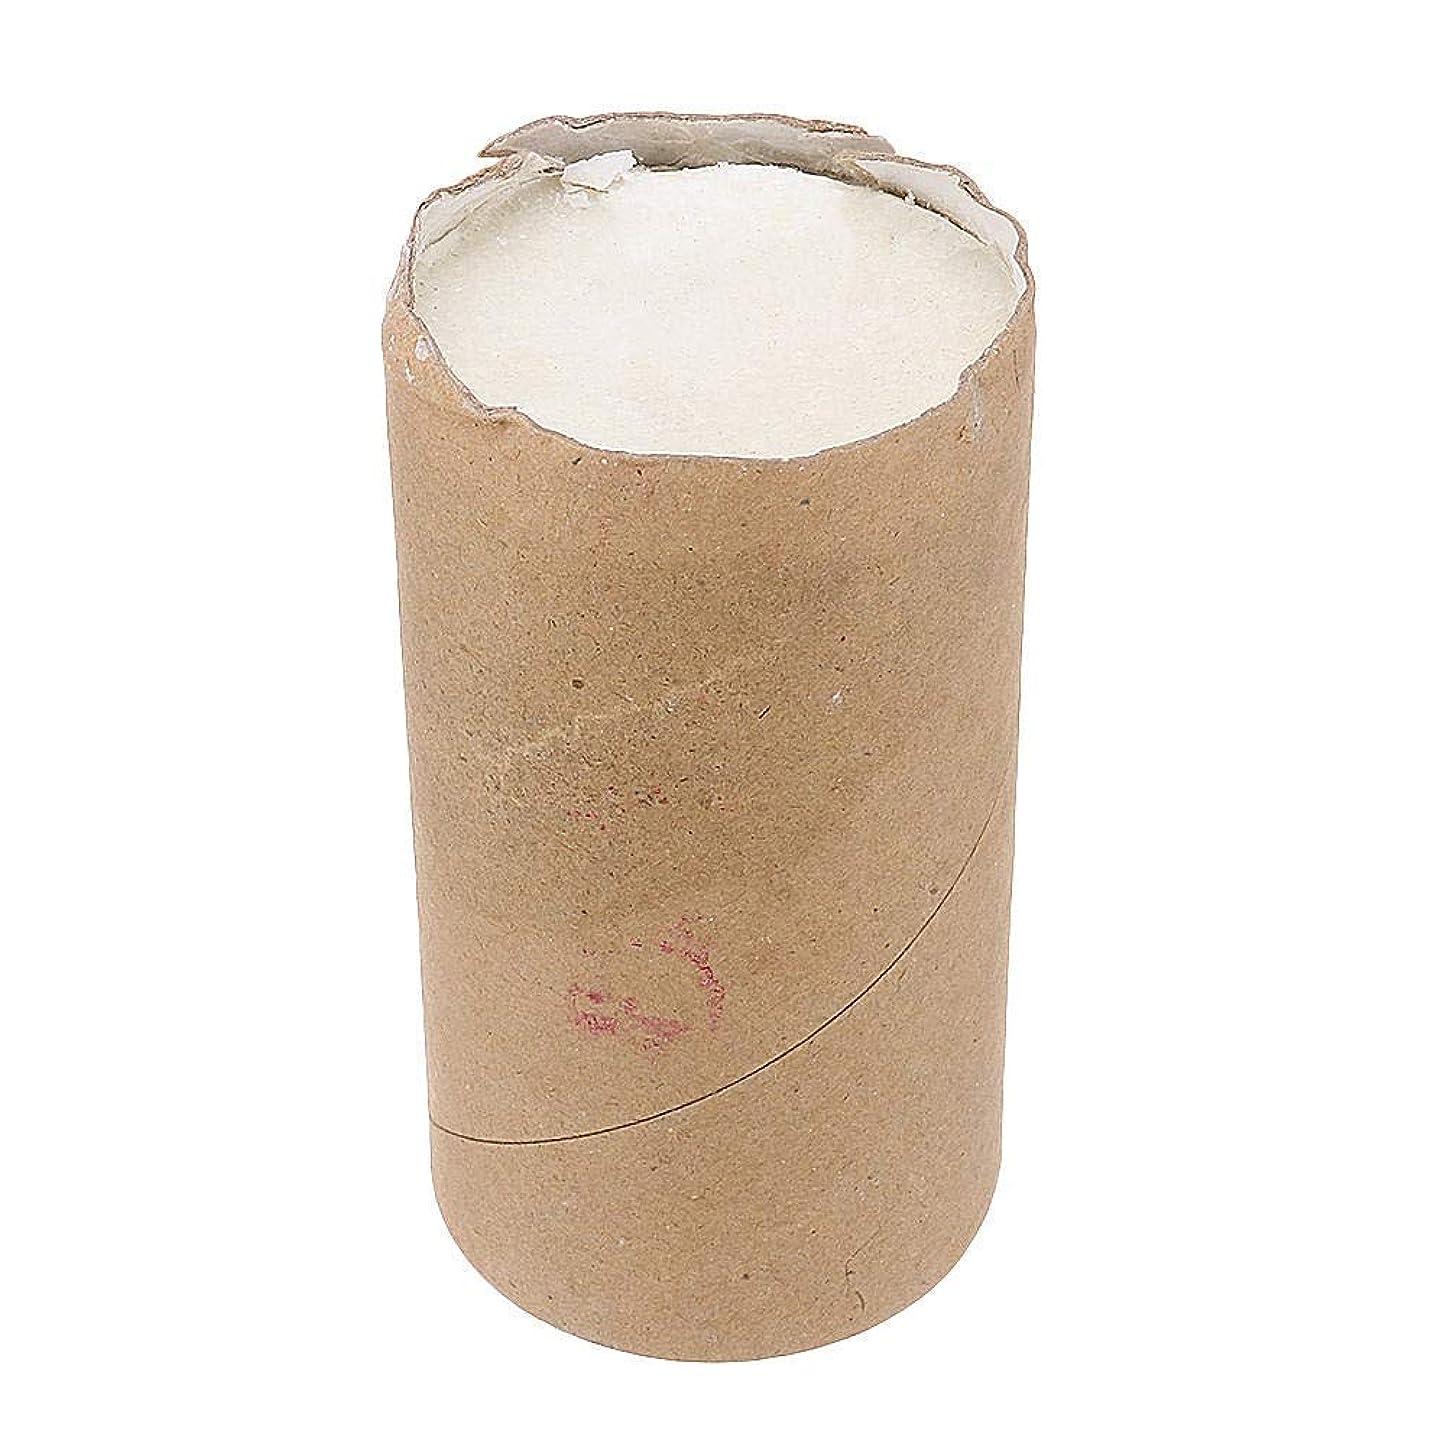 ファイバ幅先GC-GC ベルトディスクサンダーツール研磨洗浄スティック注油グリーススティックツールの研磨剤サンディングベルトバンドのドラムサンドペーパークリーナー 研磨工具